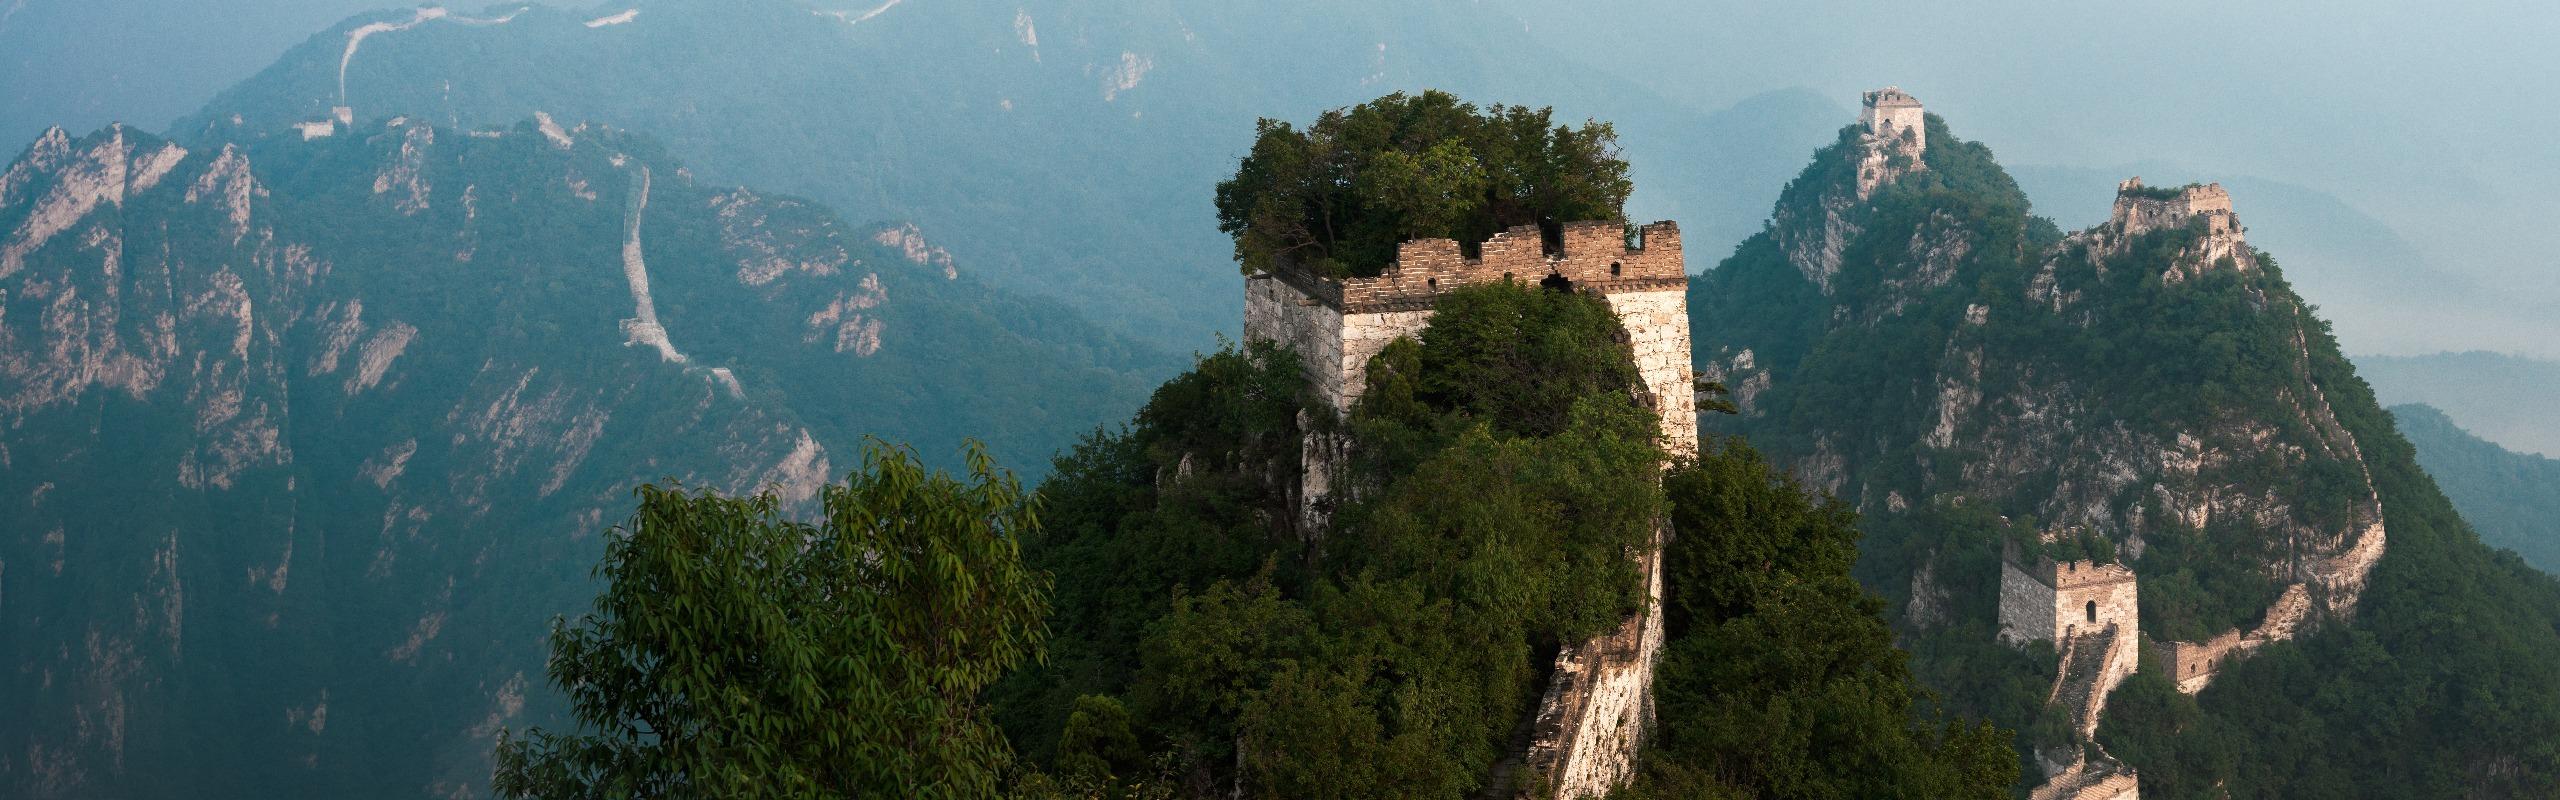 One Day Jiankou to Mutianyu Great Wall Hiking Tour